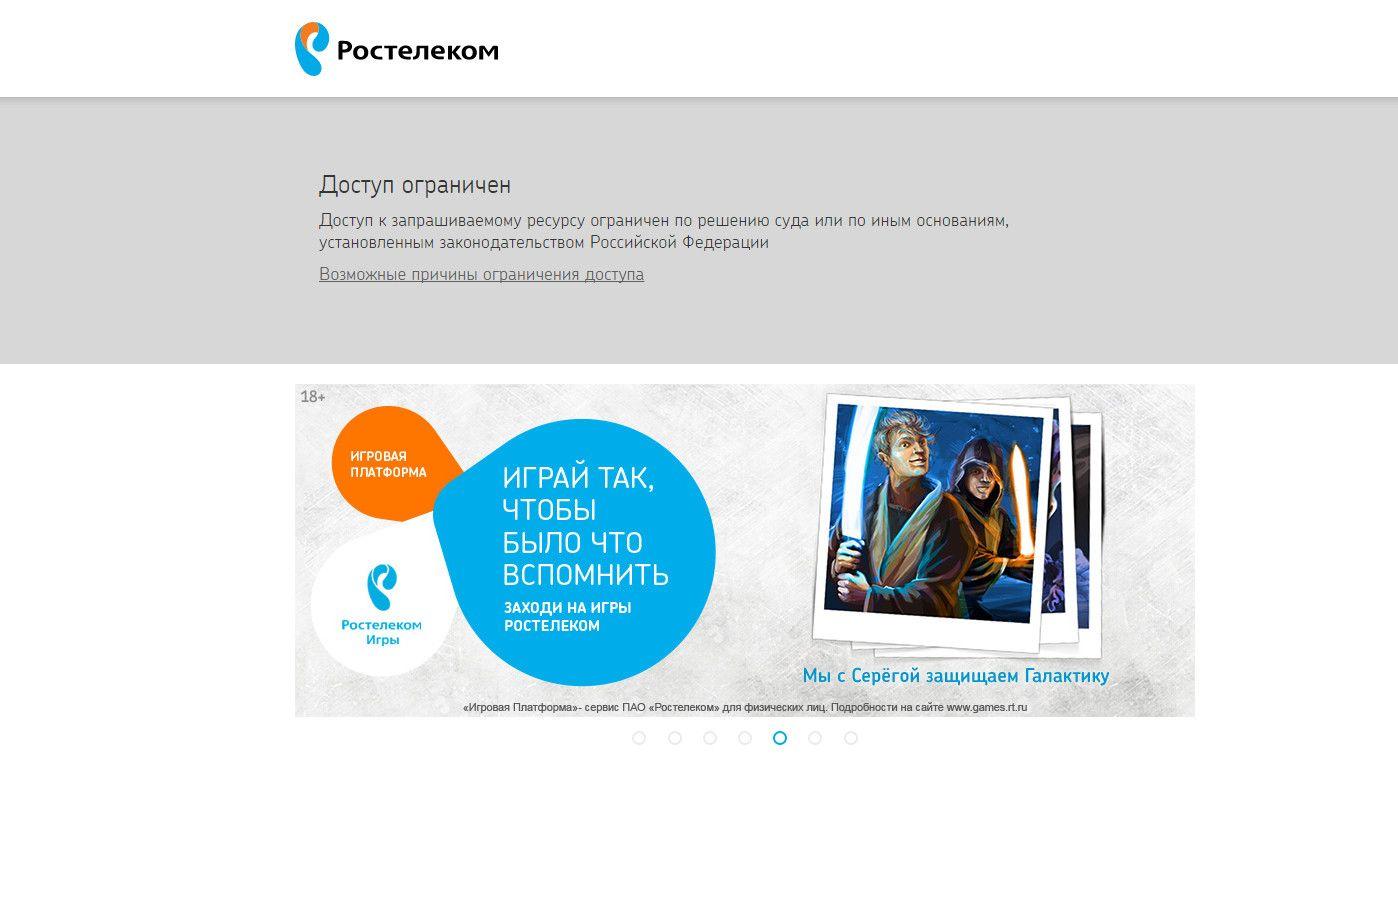 Ростелеком начал показывать рекламму на страницах-заглушках блокированных сайтов